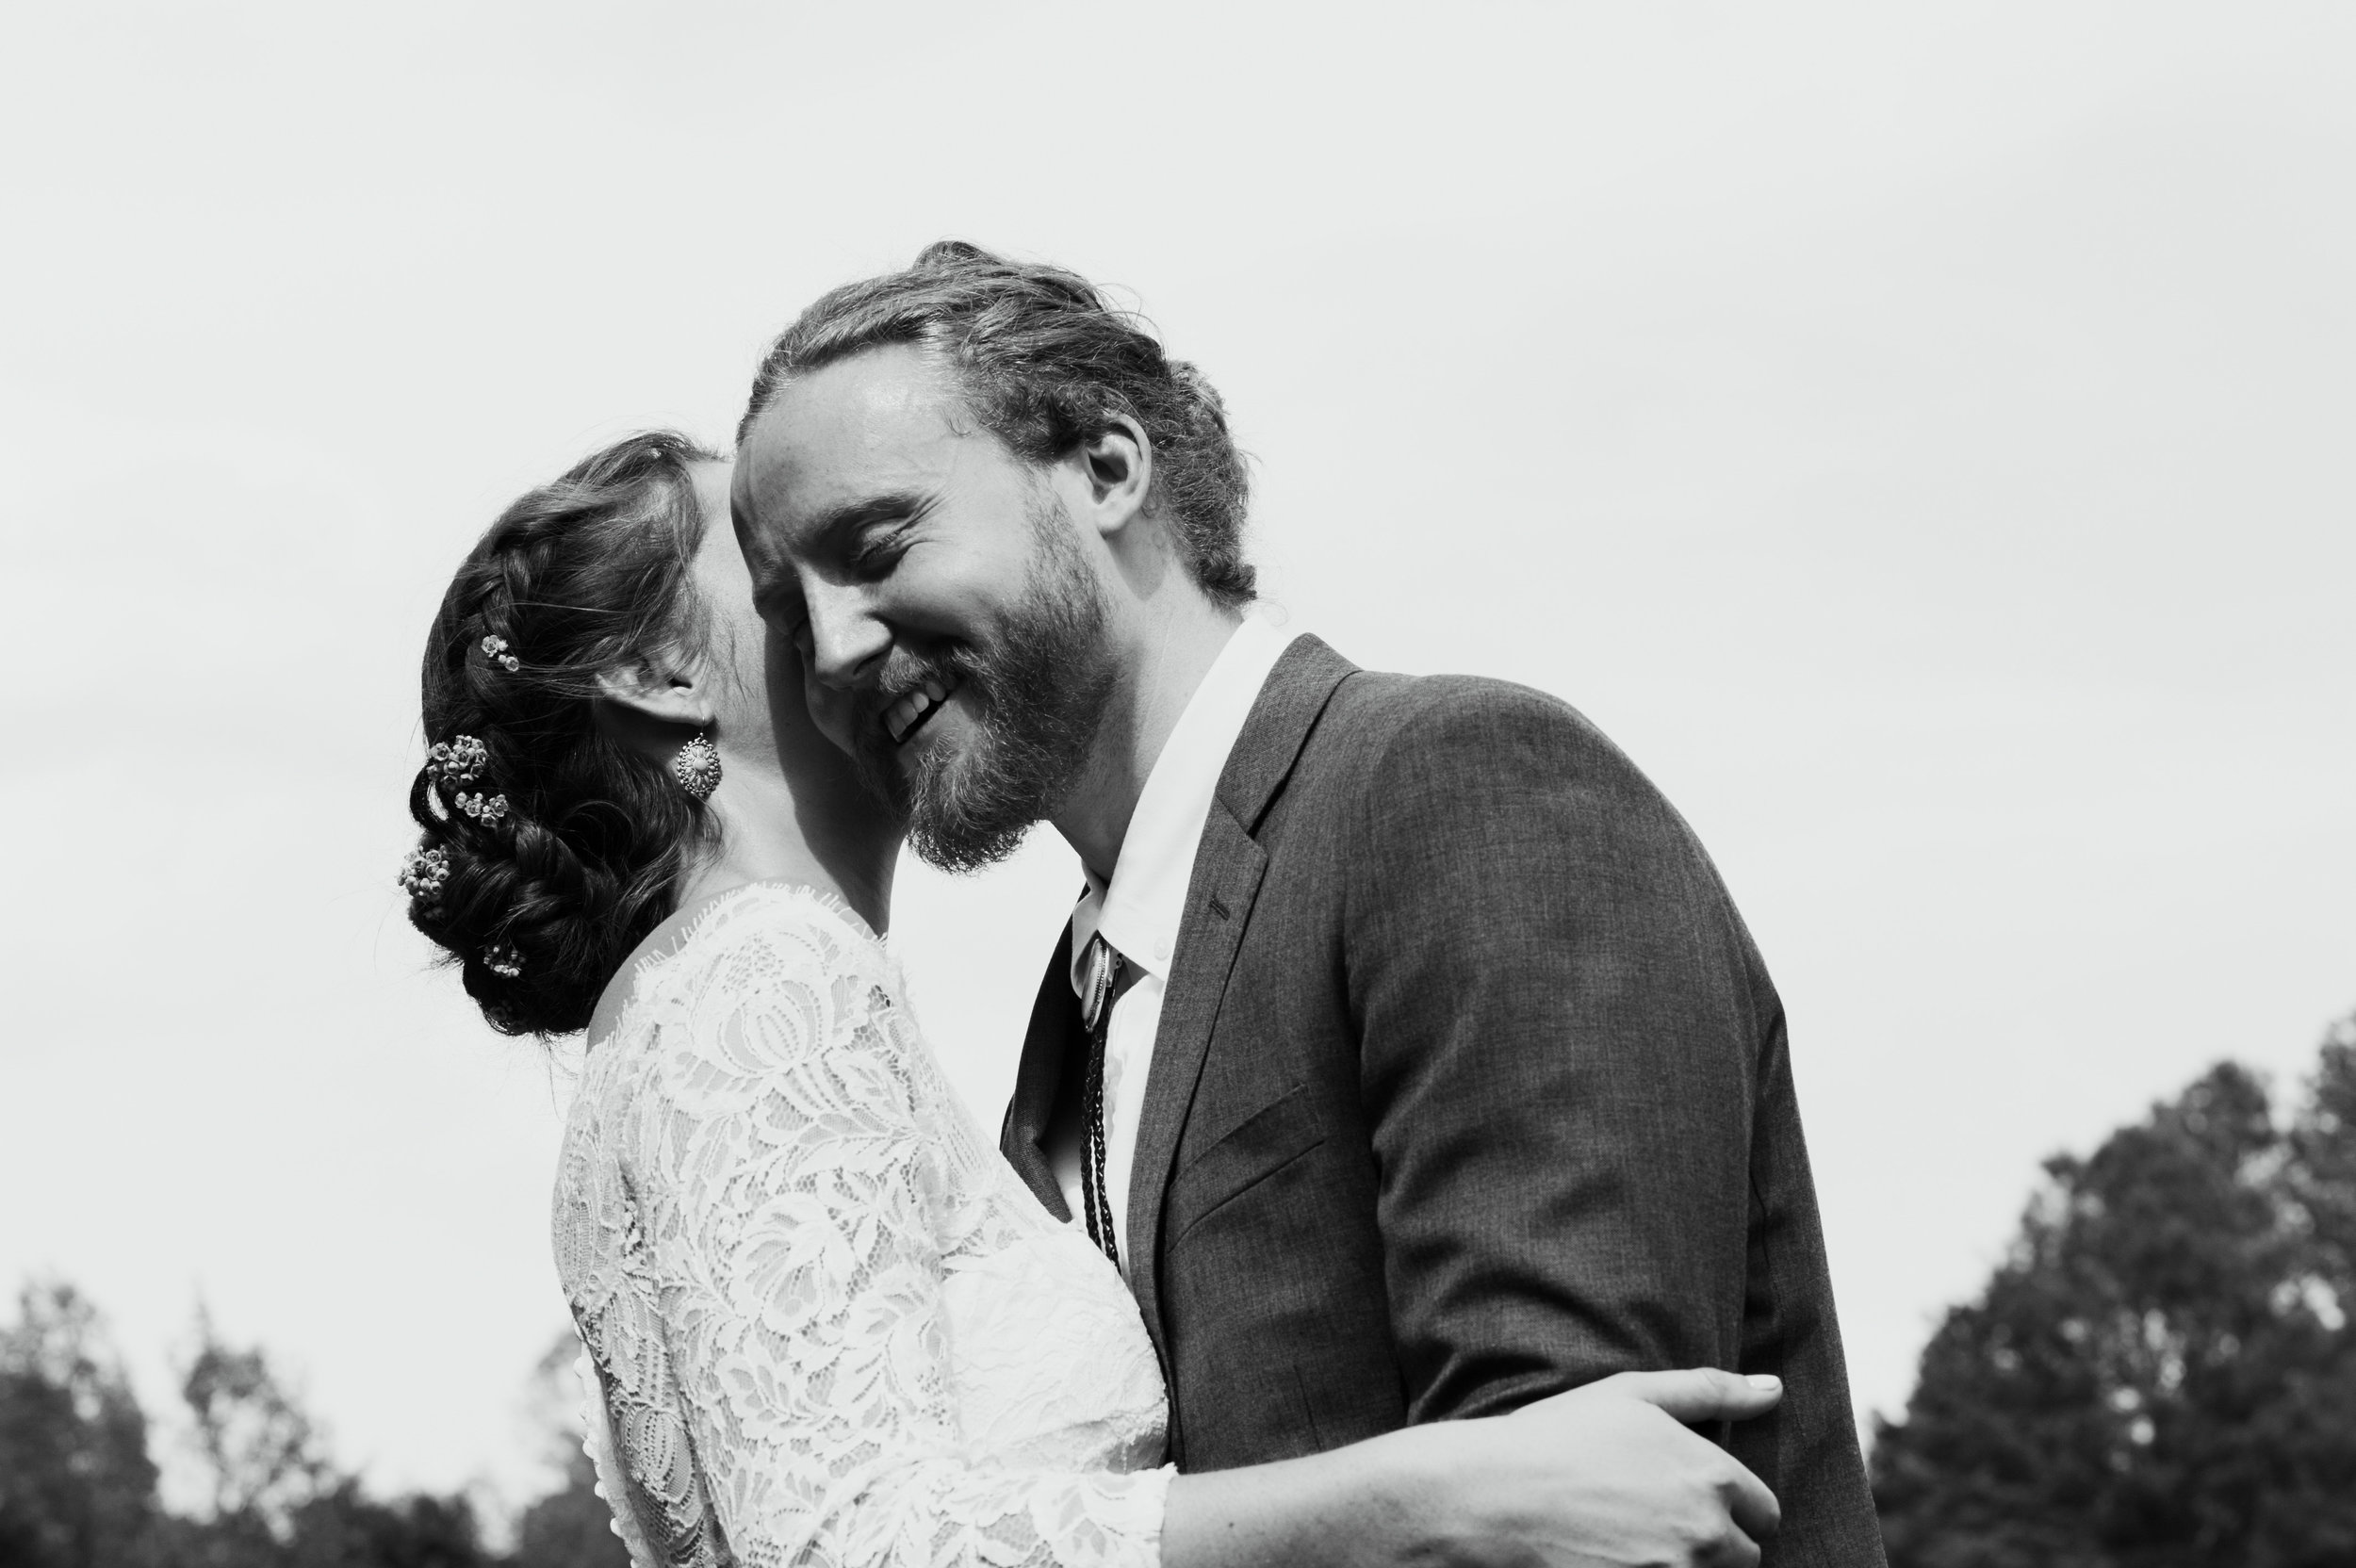 raleigh-elopement-photographer-raleigh-durham-wedding-maddie-and-devin- (142 of 162).jpg